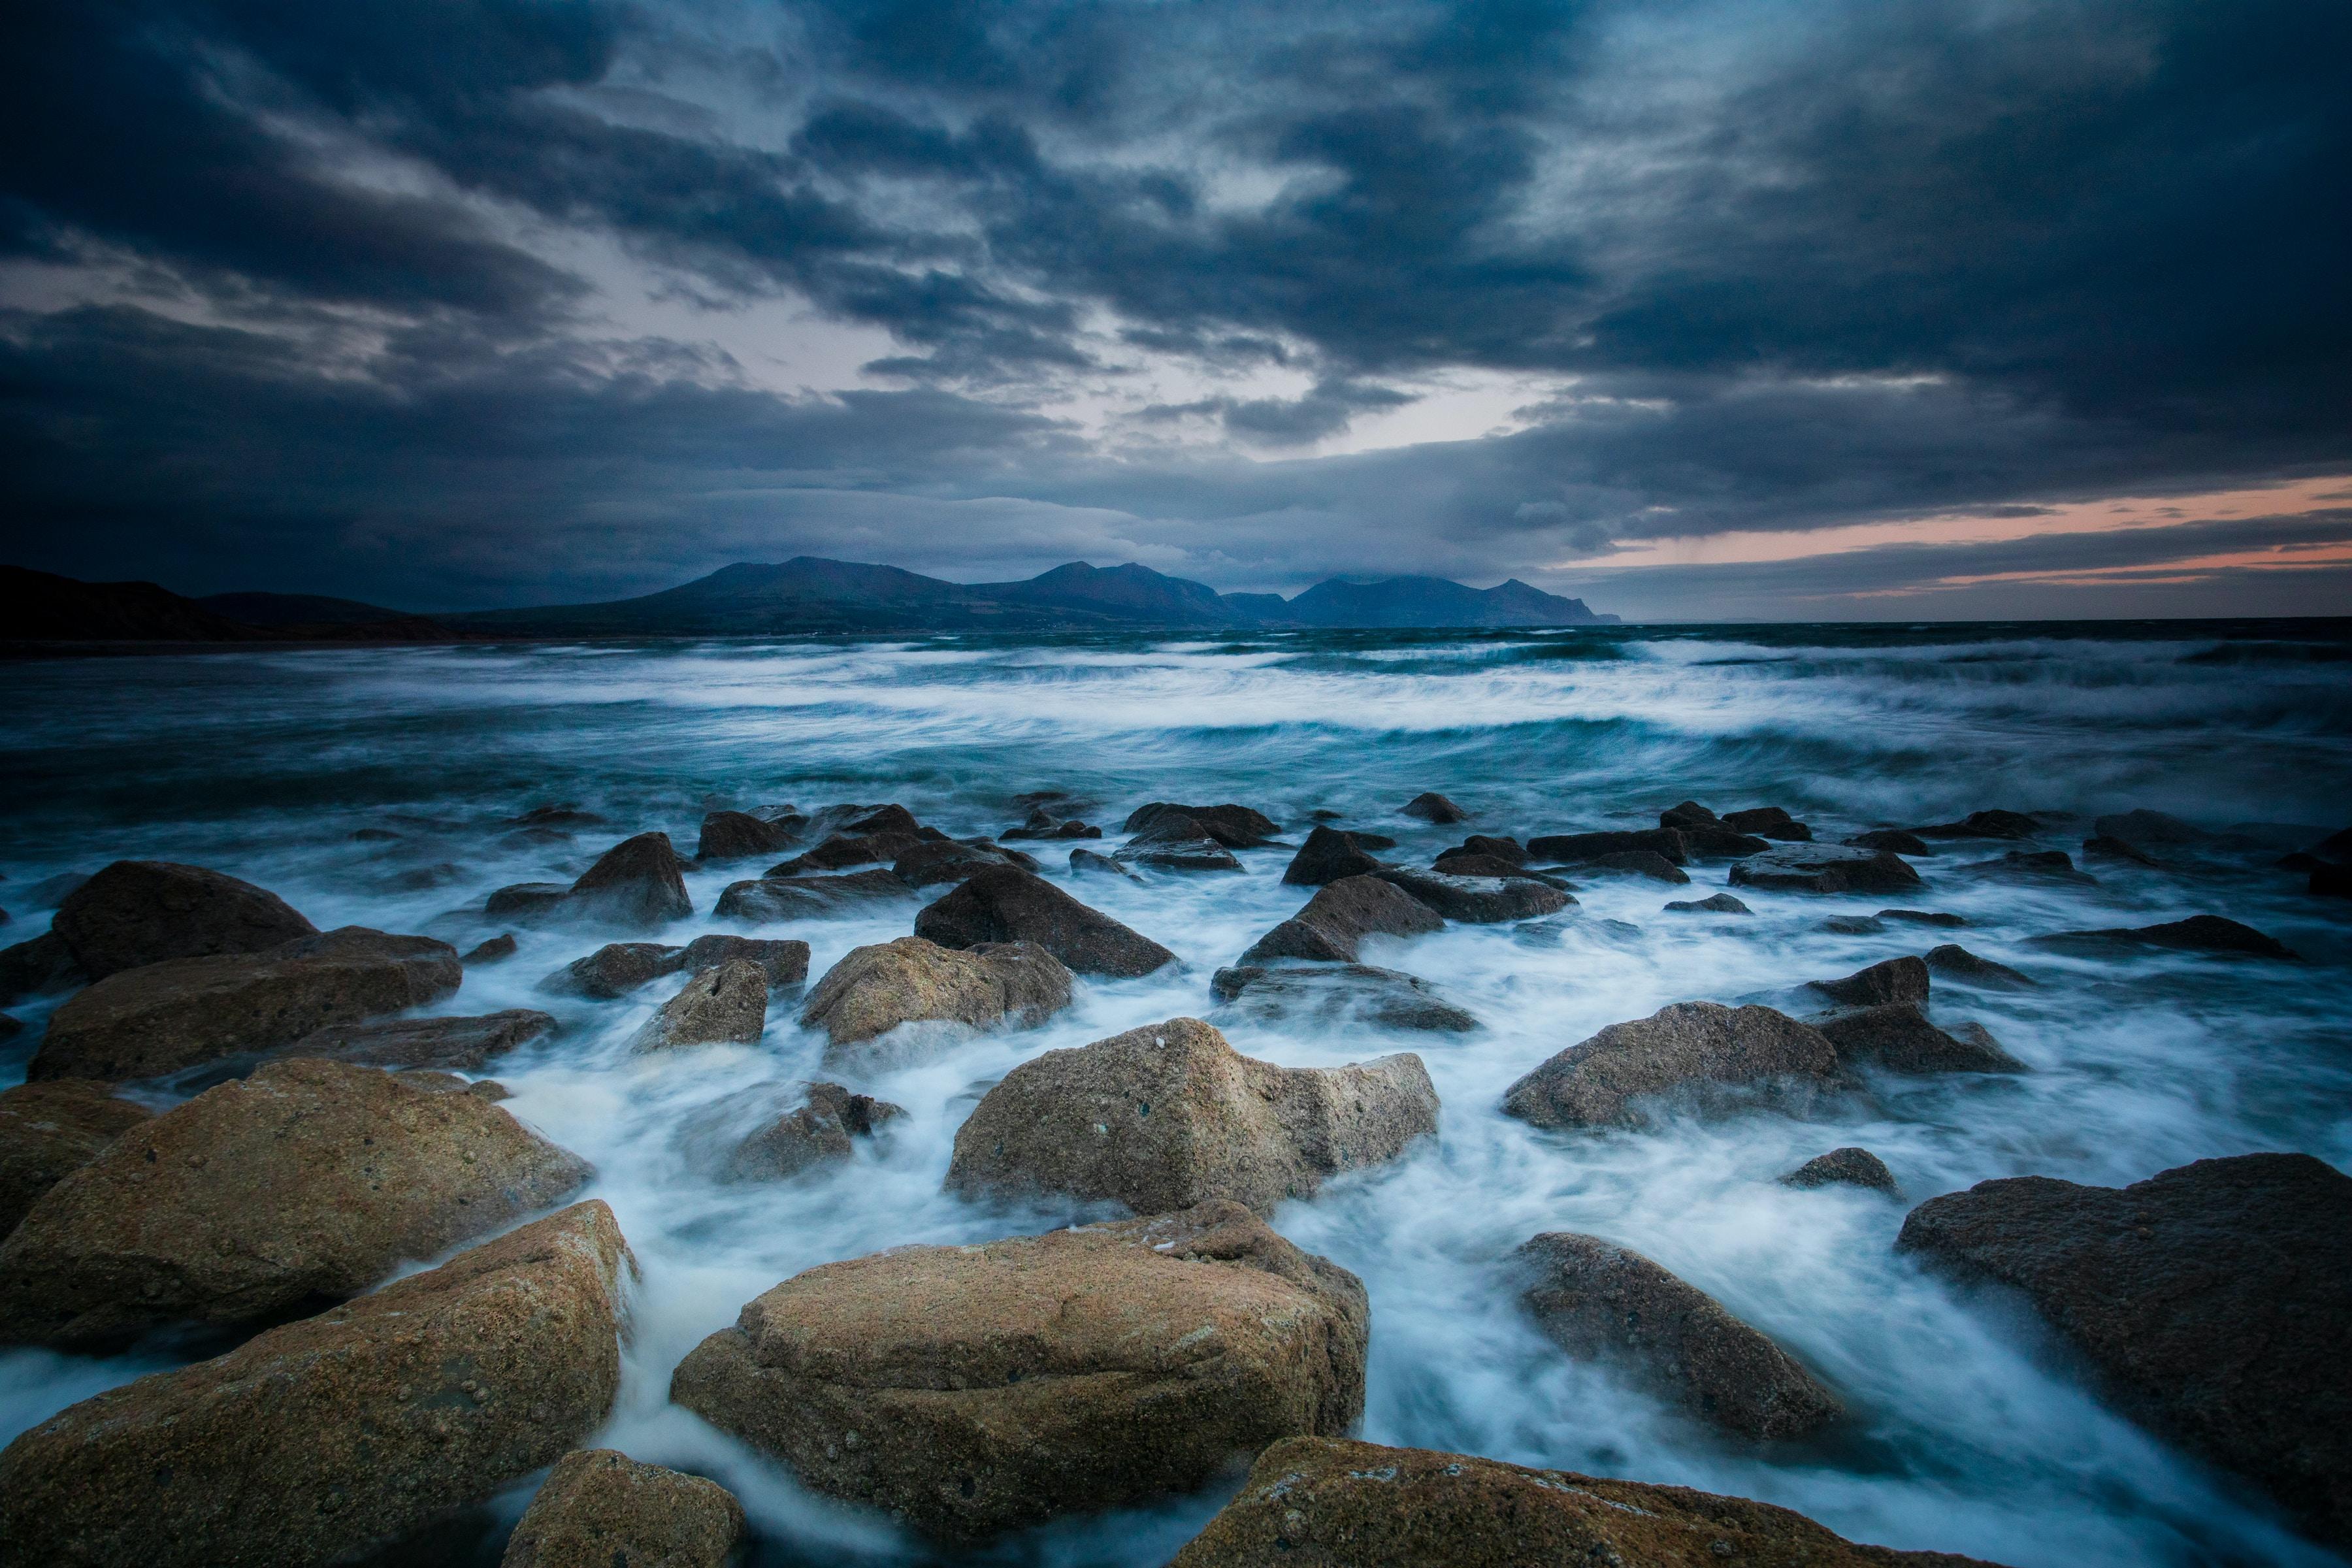 brown rocks on seashore during daytime